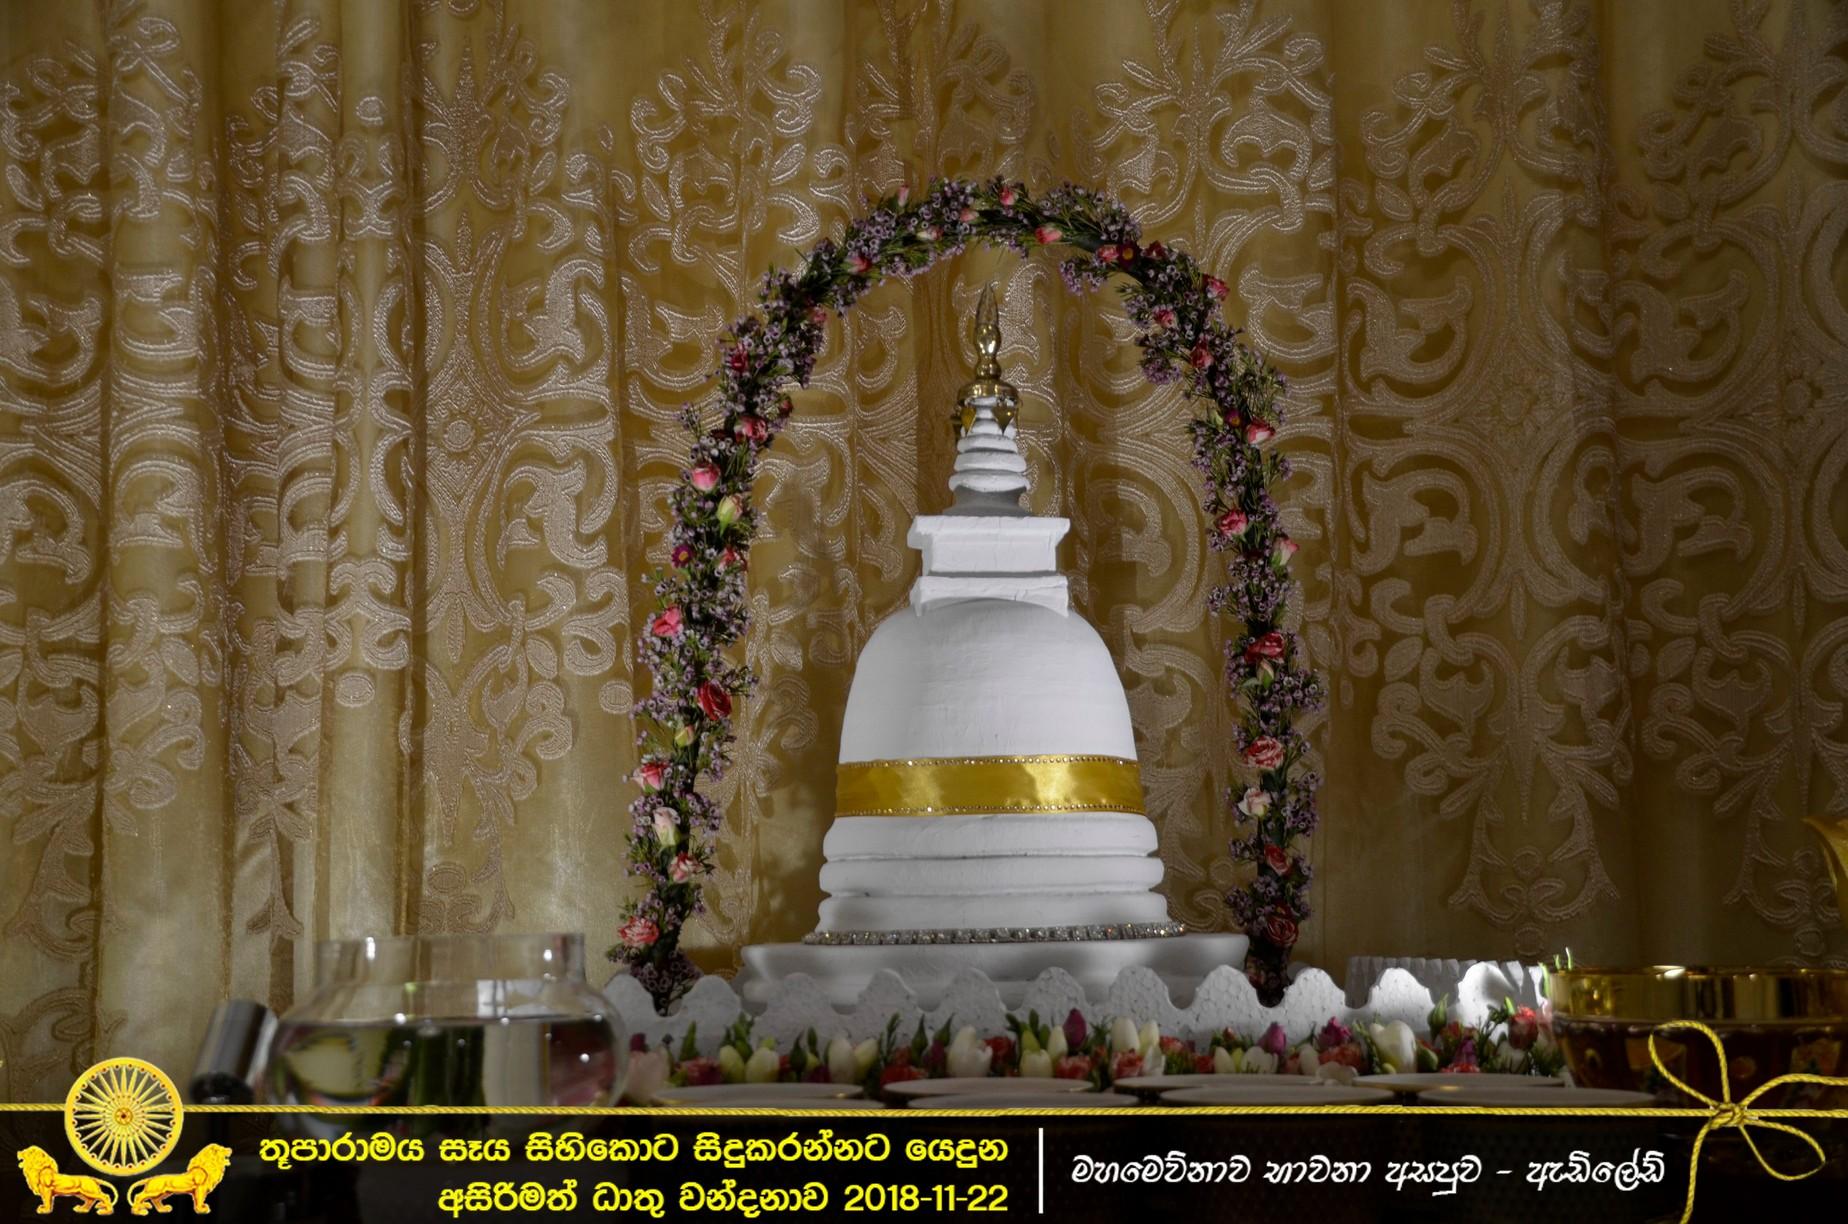 Thuparama054